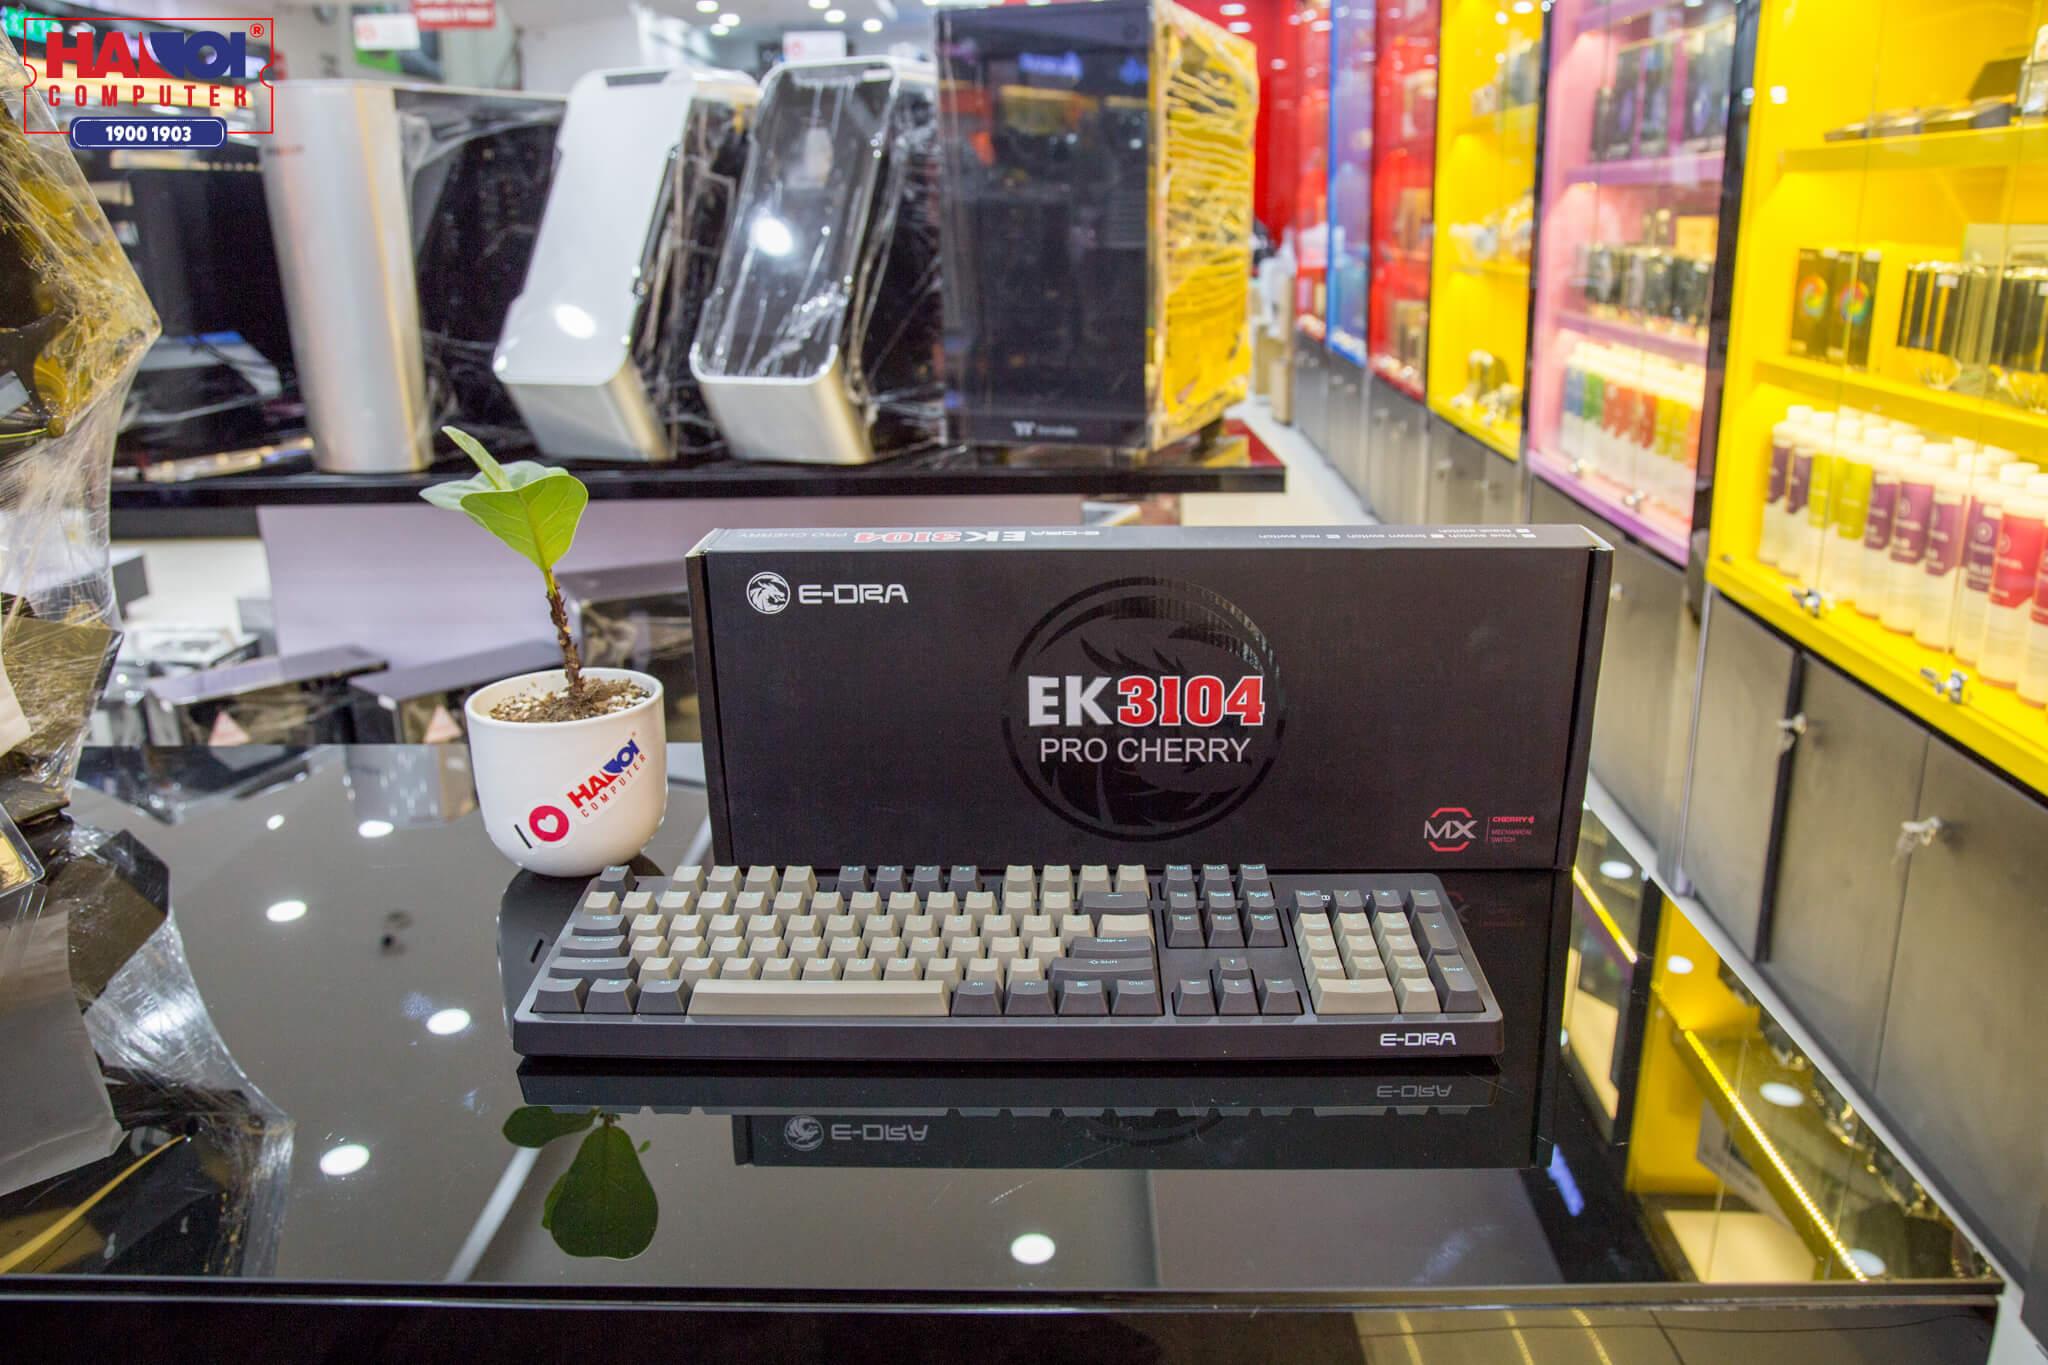 Bàn phím cơ E-Dra EK3104 Pro (Cherry Blue switch/PBT/USB/Đen)  có thiết kế đơn giản